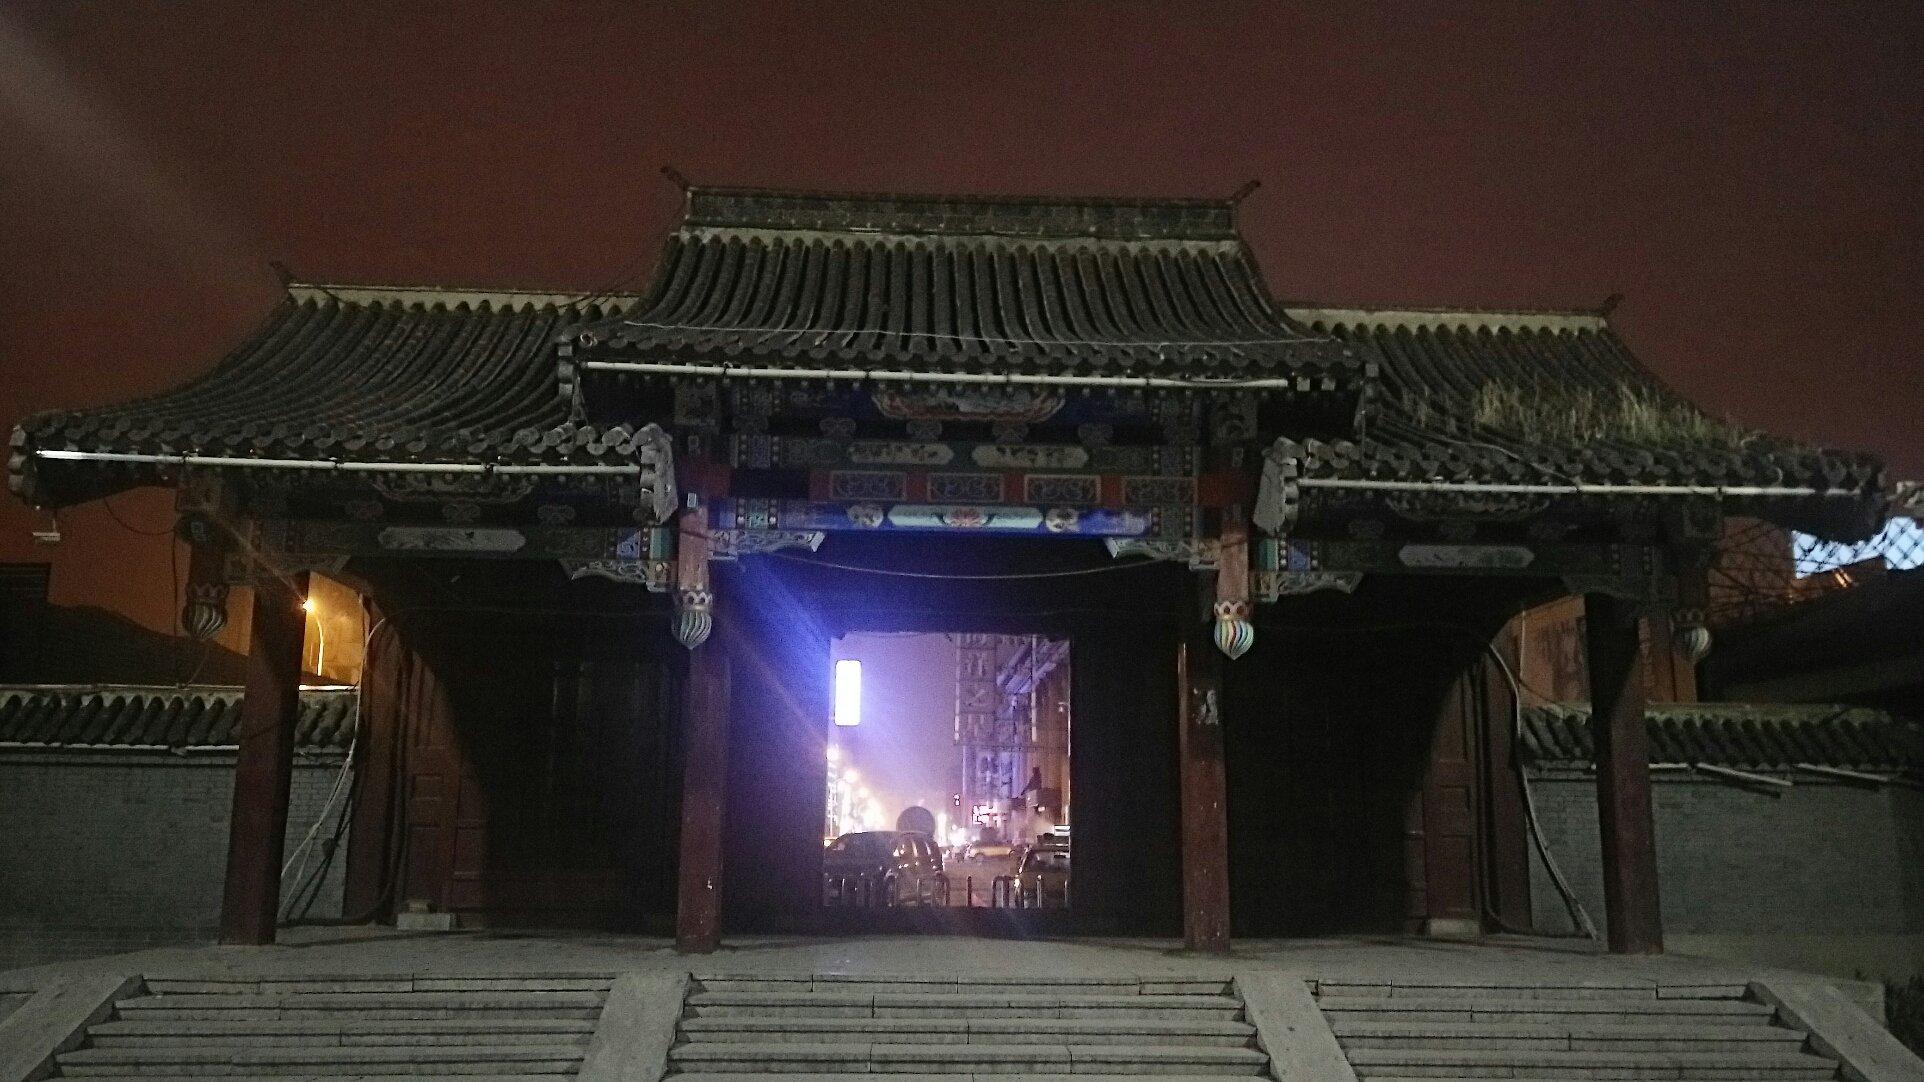 辽宁省锦州市古塔区南街靠近锦州市博物馆天气预报